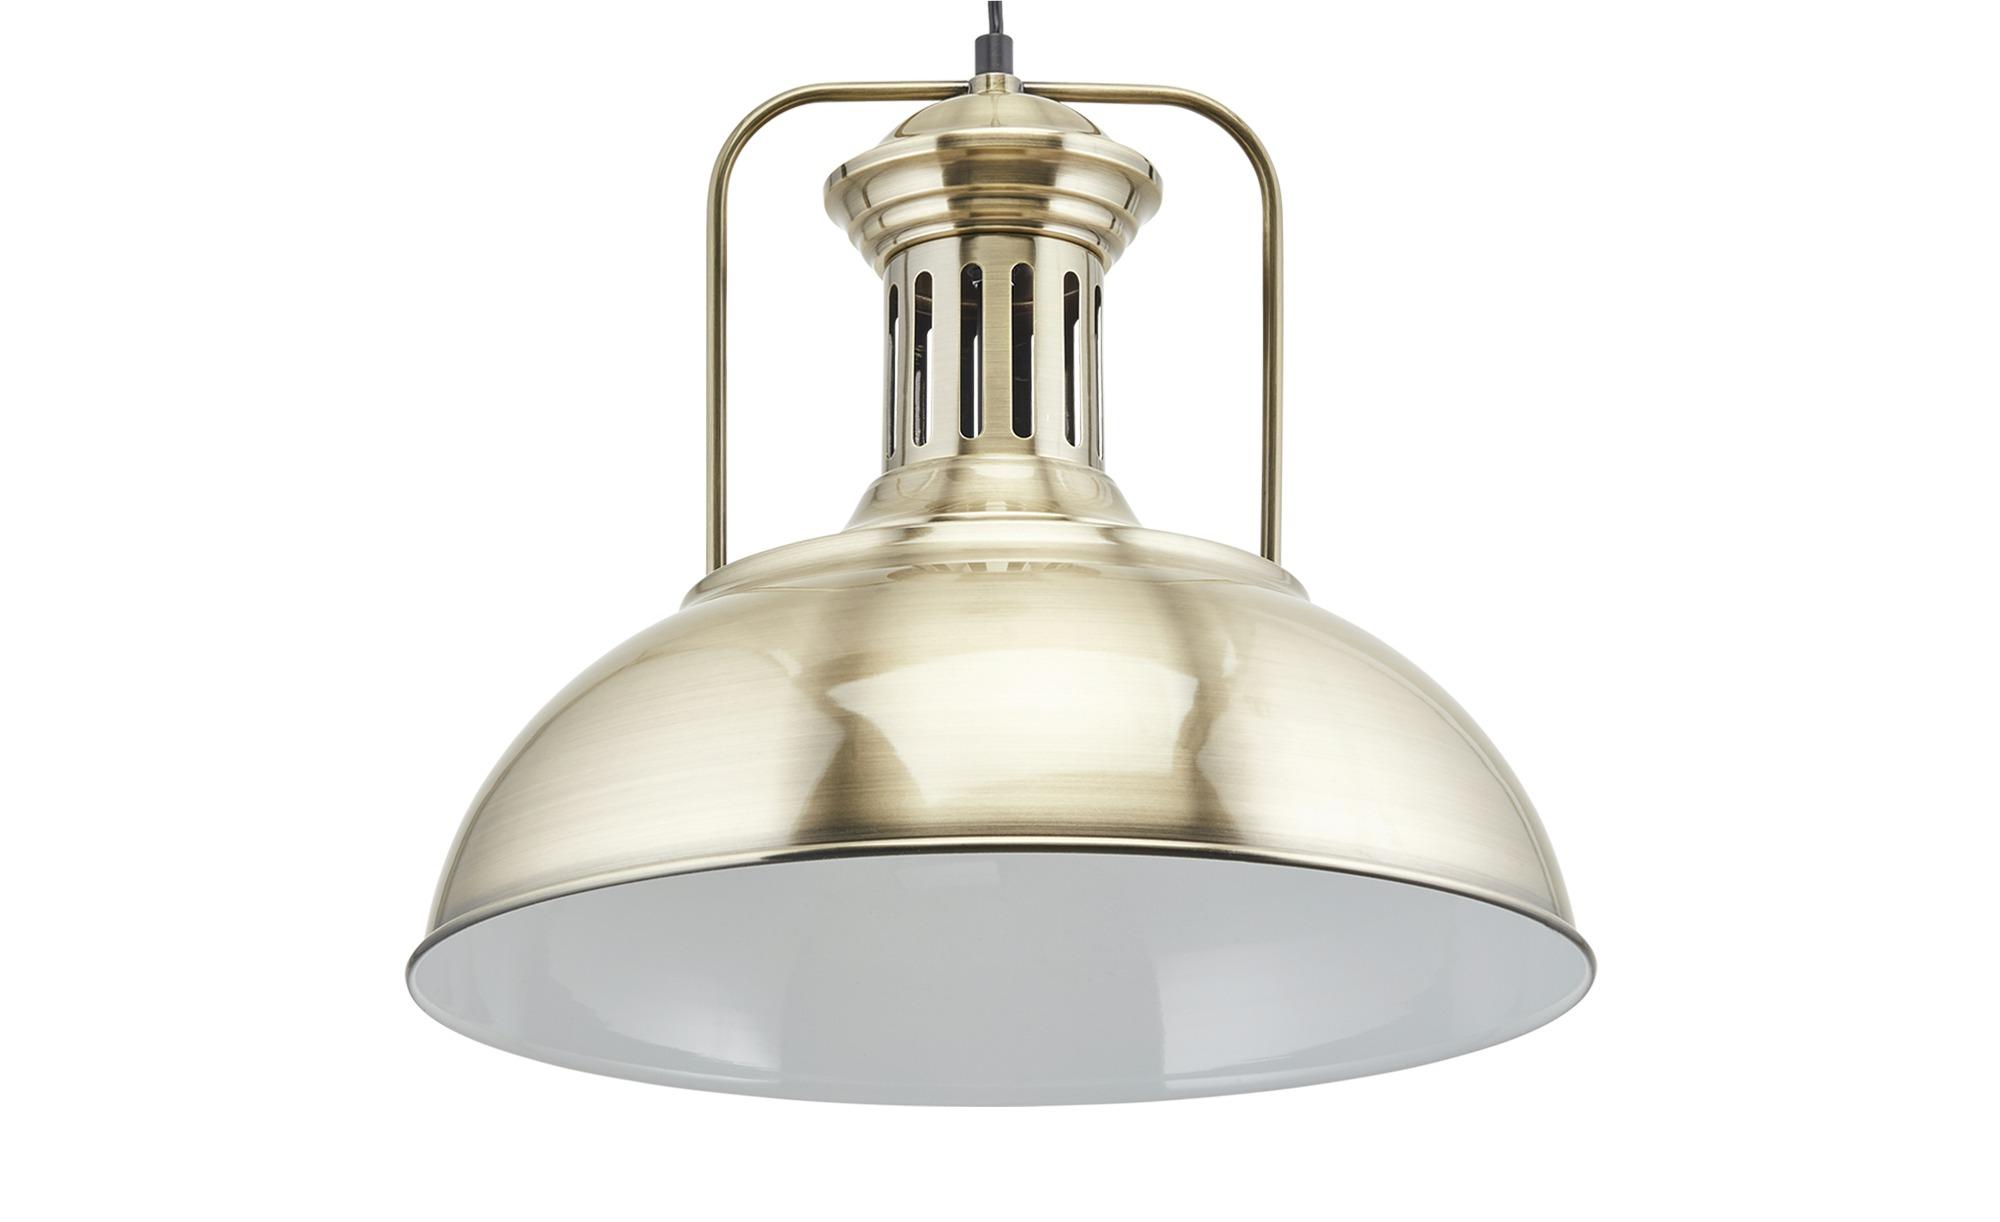 HOME STORY Pendelleuchte, 1-flammig ¦ gold ¦ Maße (cm): H: 150 Ø: [41.0] Lampen & Leuchten > Innenleuchten > Pendelleuchten - Höffner